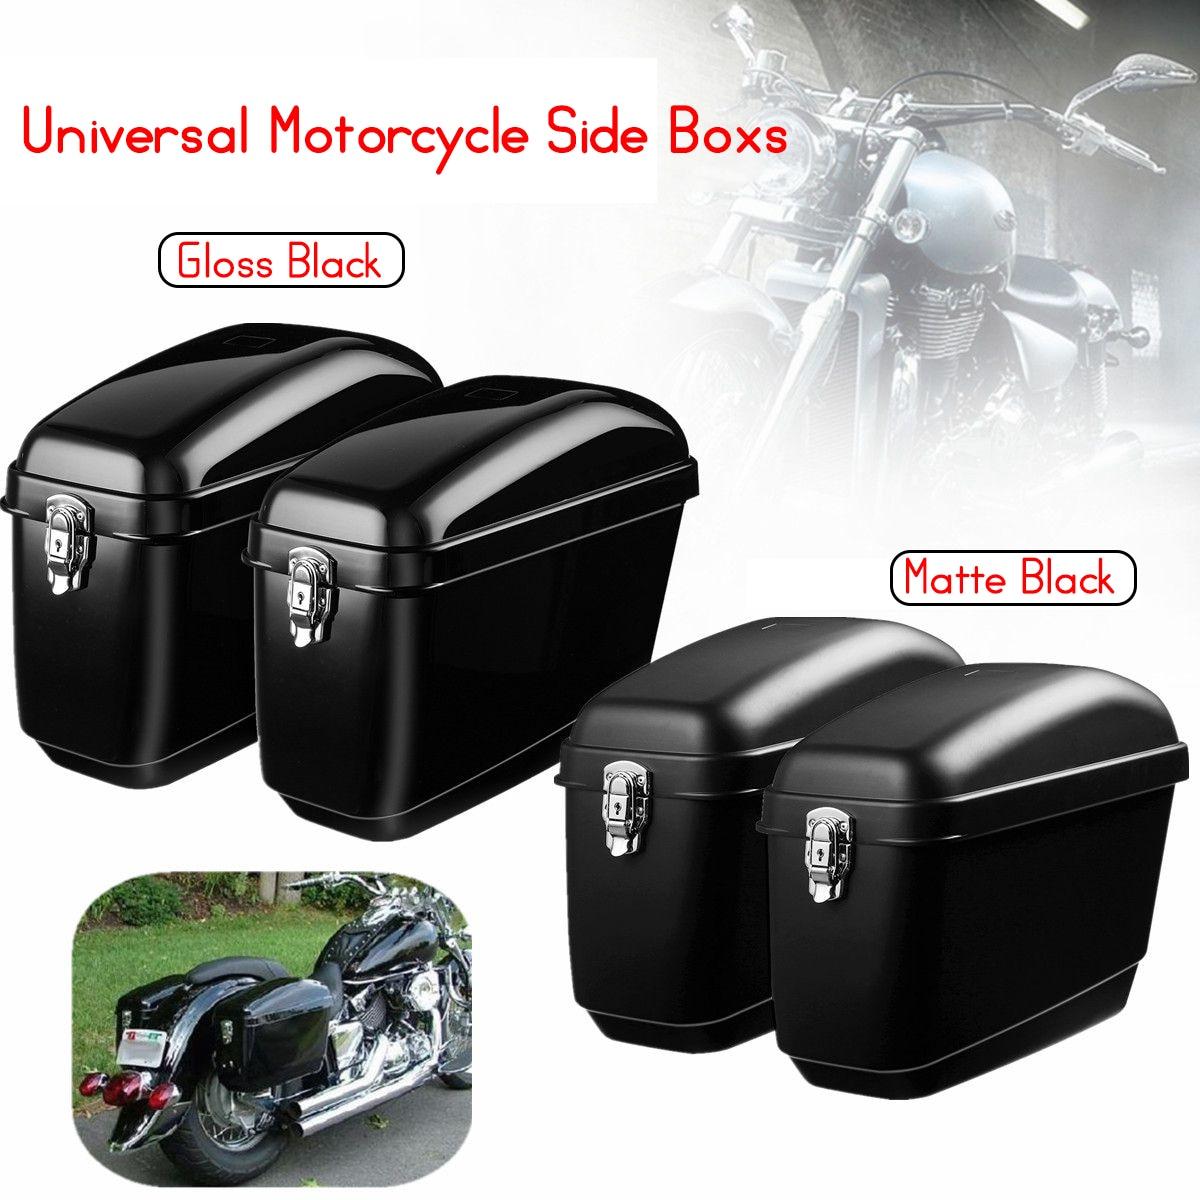 Paire 30L Grand Moto maillot de football Côté Boxs Réservoir Bagages étui rigide Pour Harley Croiseurs Pour Kawasaki pour Honda